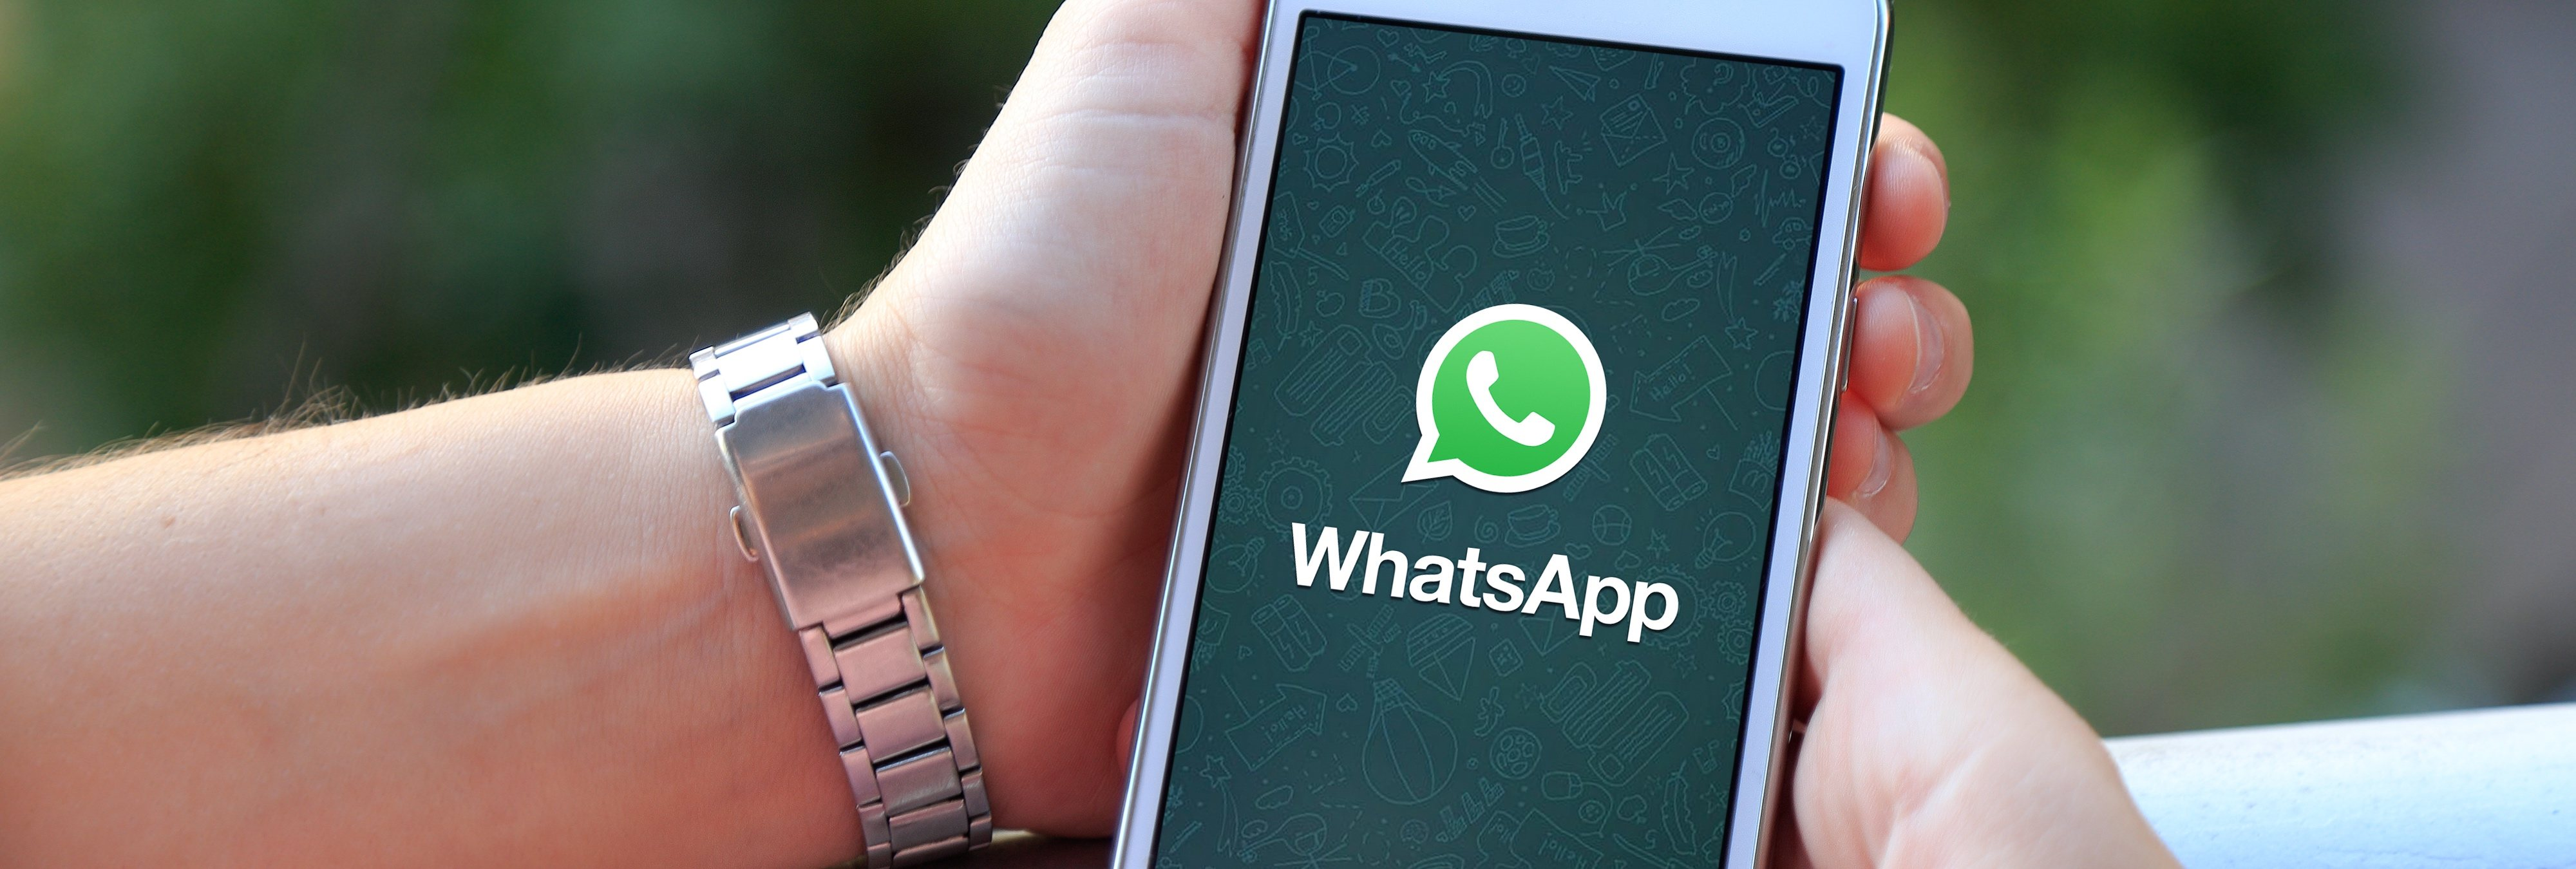 WhatsApp bloquea a cientos de usuarios por bromear con la pedofilia